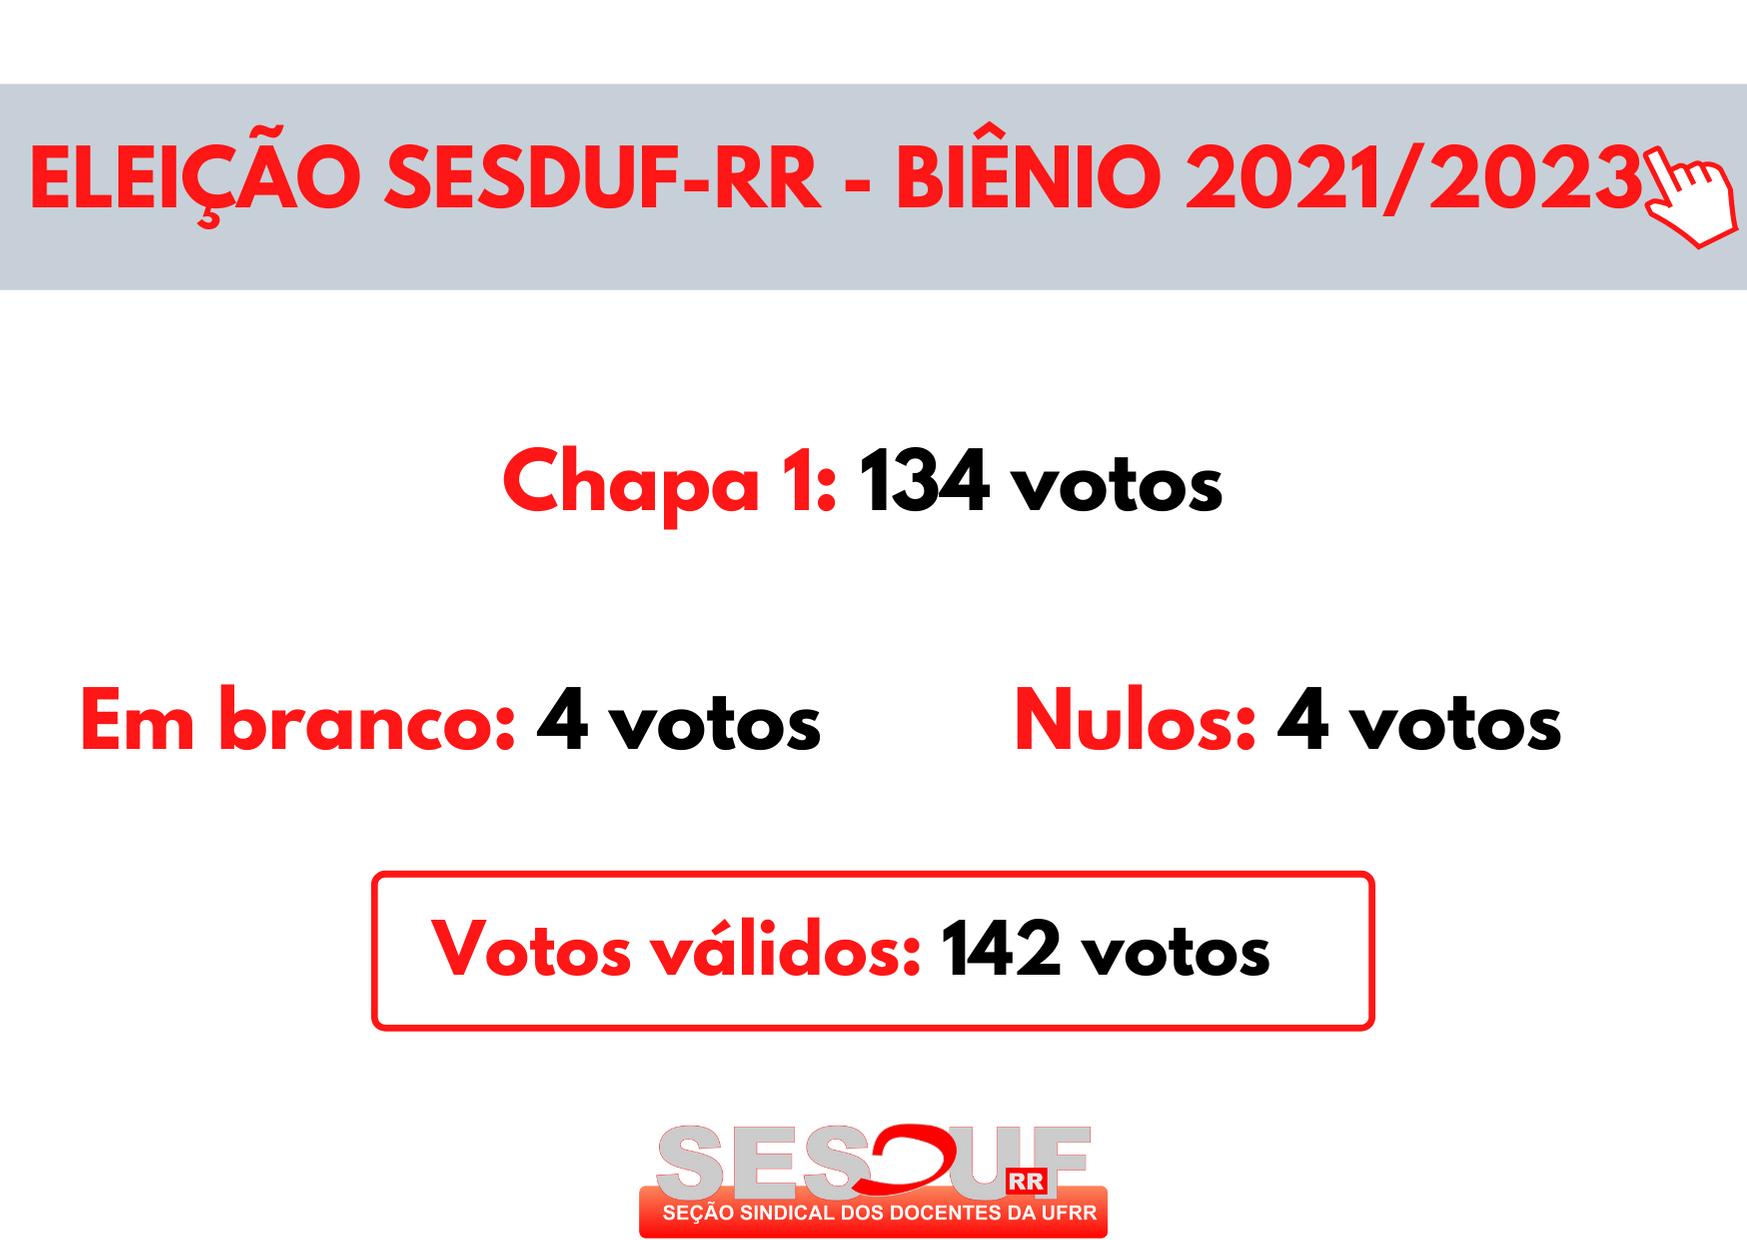 Chapa 1 vence processo eleitoral para diretoria da SESDUF-RR no biênio 2021/2023